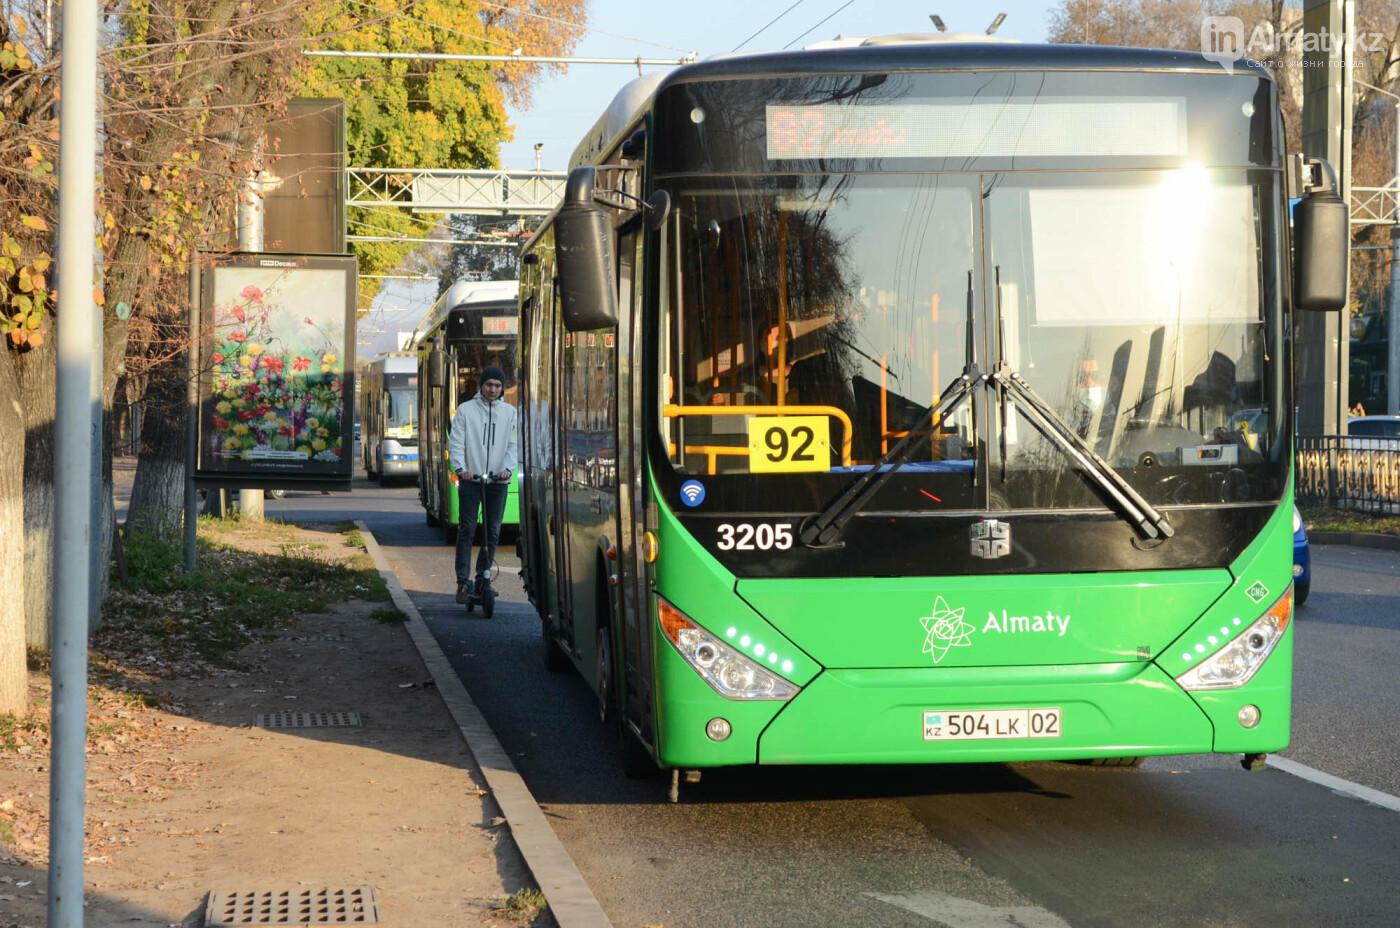 Передвижение по автобусной полосе